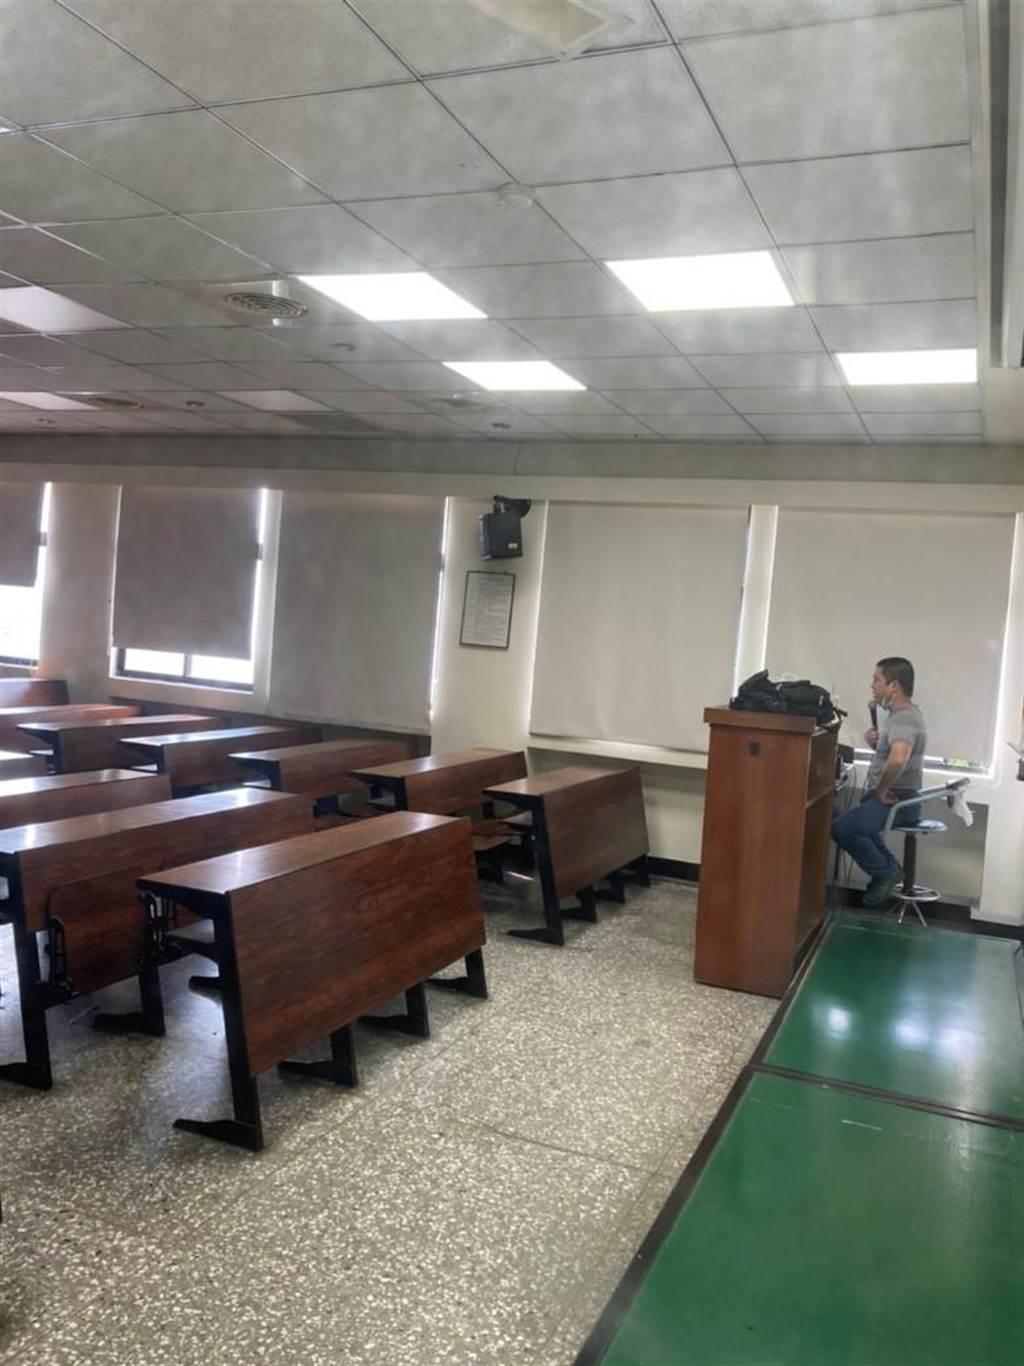 淡江大學遠距學習教師仍需到校授課  學習效果獨步全國